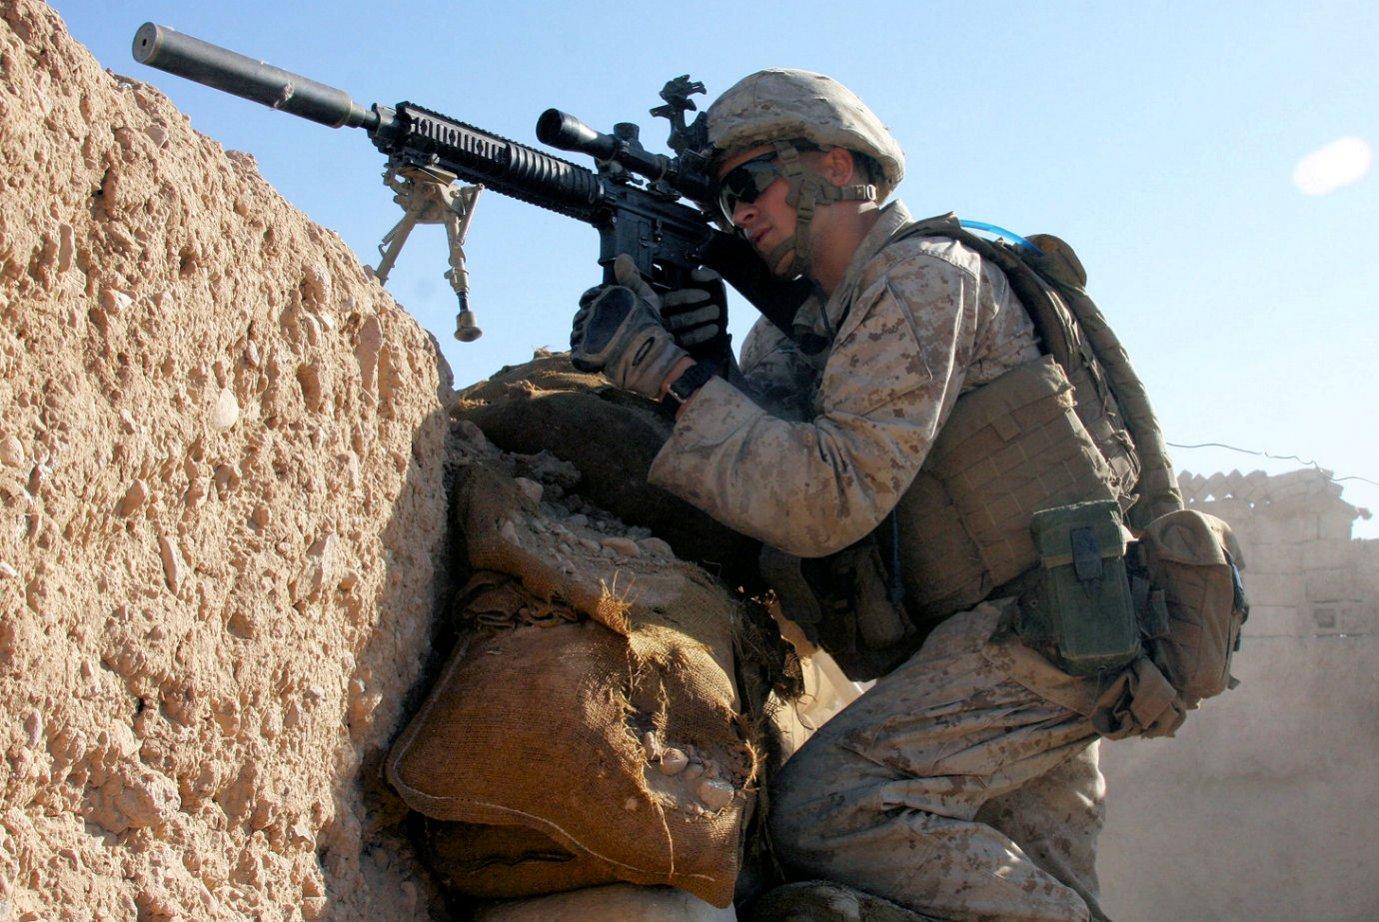 Click image for larger version.  Name:Lance Cpl Steven J Zandstra Nov 1 2010 Sangin Afghanistan.jpg Views:91 Size:274.2 KB ID:448554